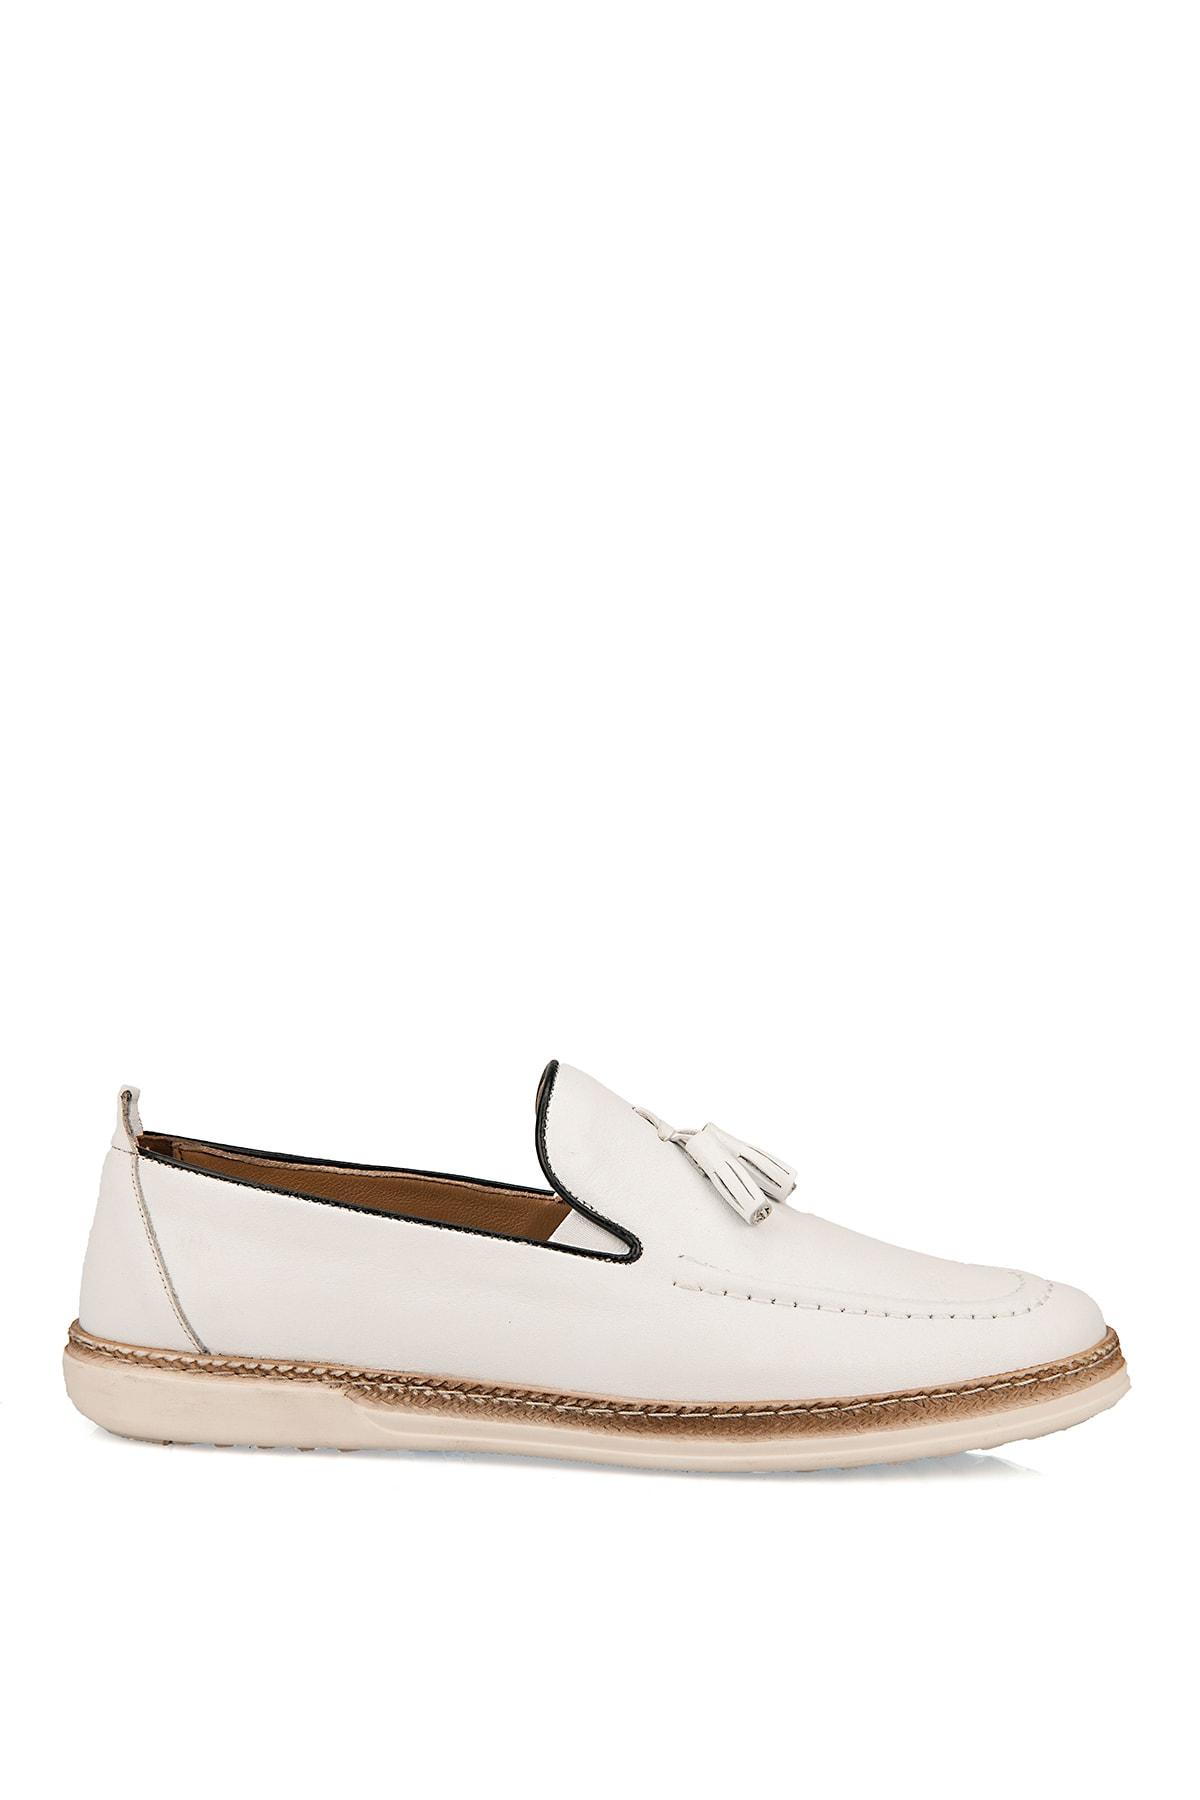 Ziya Hakiki Deri Beyaz Erkek Ayakkabı 101415 506067 0